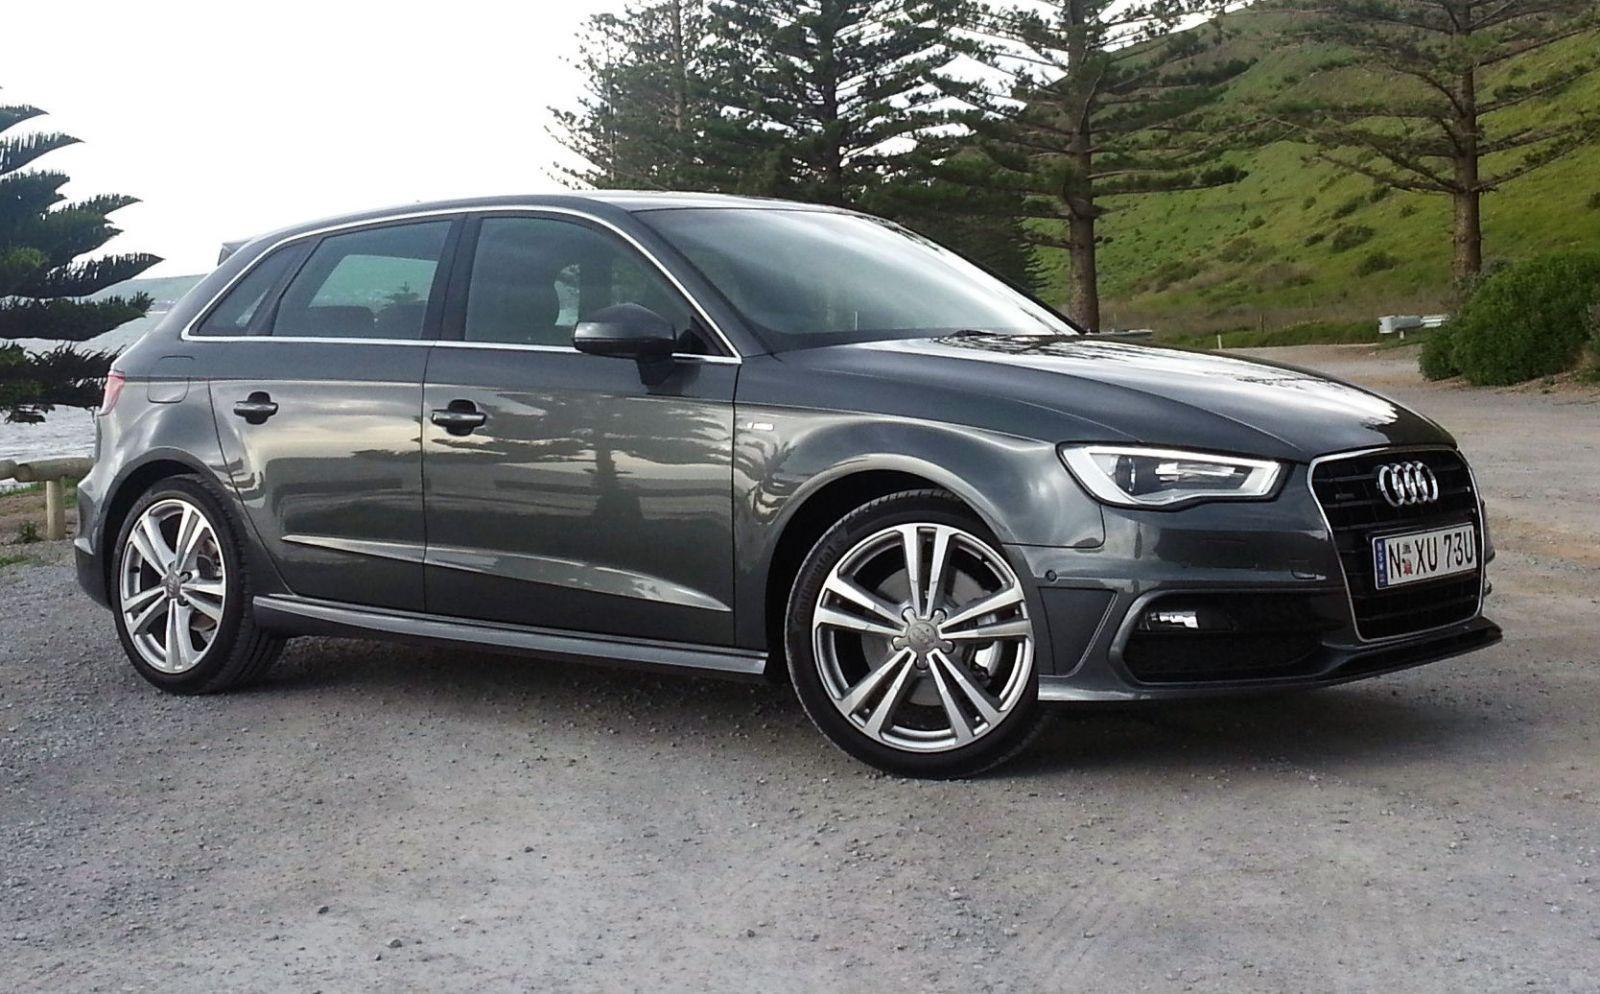 Amazing 2014 Audi A3 Sportback Black Wallpaper Auto Obiettivi